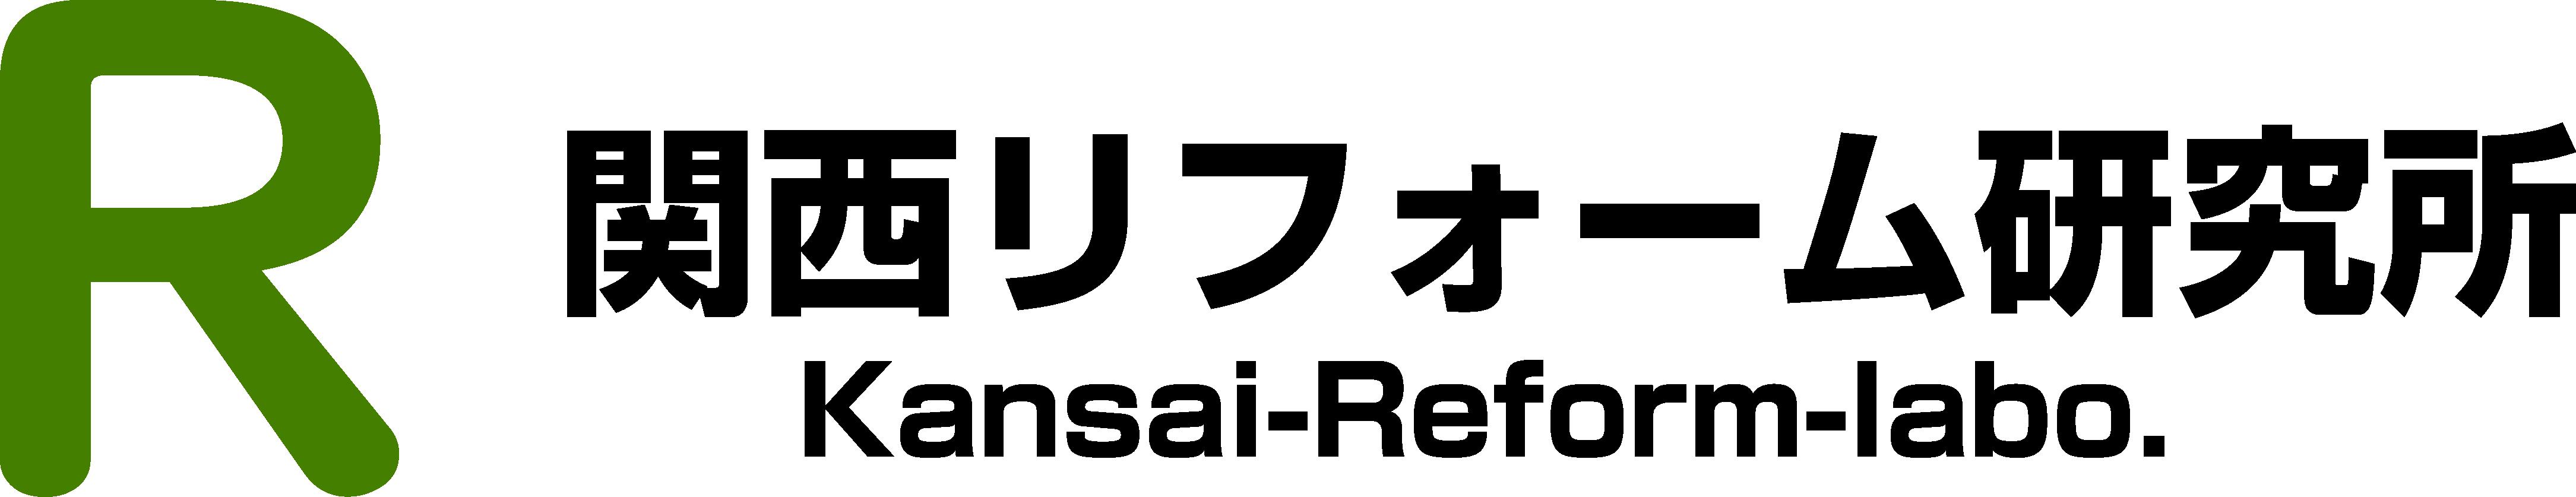 関西リフォーム研究所